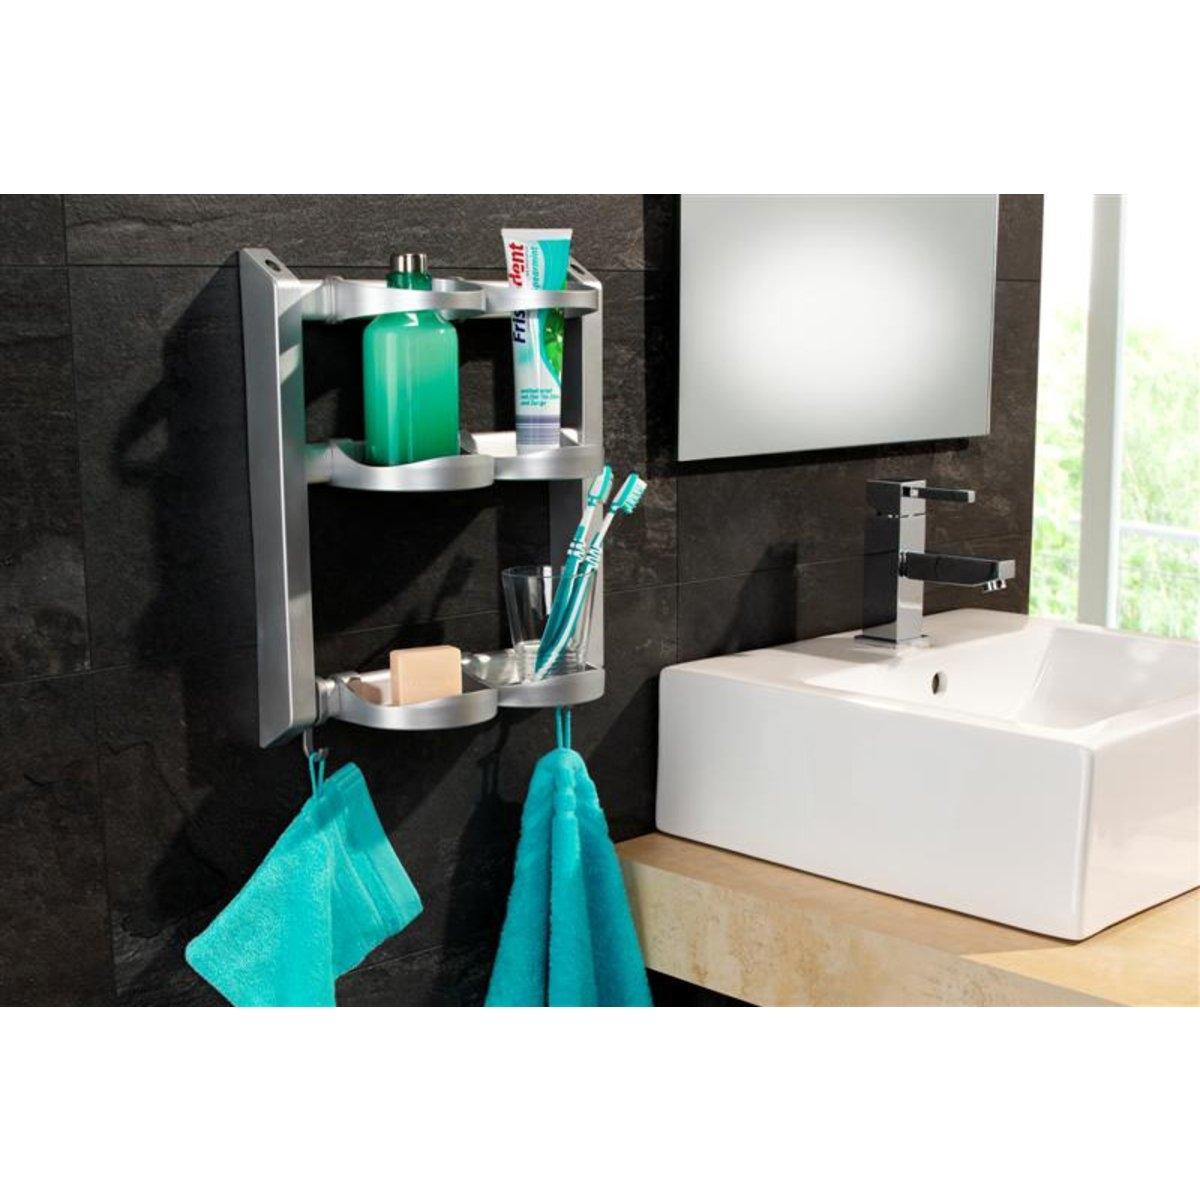 Этажерка для ванной модульная, Ar?gloХарактеристики модульной этажерки для ванной, Ar?glo:4 отделения.2 полки для флаконов с гелем и 2 подставки.2 крючка для банных рукавиц.Подвешивается или крепится к стене.Каркас из пластика и алюминия с покрытием от ржавчины.Найдите другие предметы мебели для хранения на сайте laredoute.ru.Размеры модульной этажерки для ванной, Ar?glo:Д. 31 x В. 38 x Г. 12 см.Вес 0,700 кг.<br><br>Цвет: белый,серебристый<br>Размер: единый размер